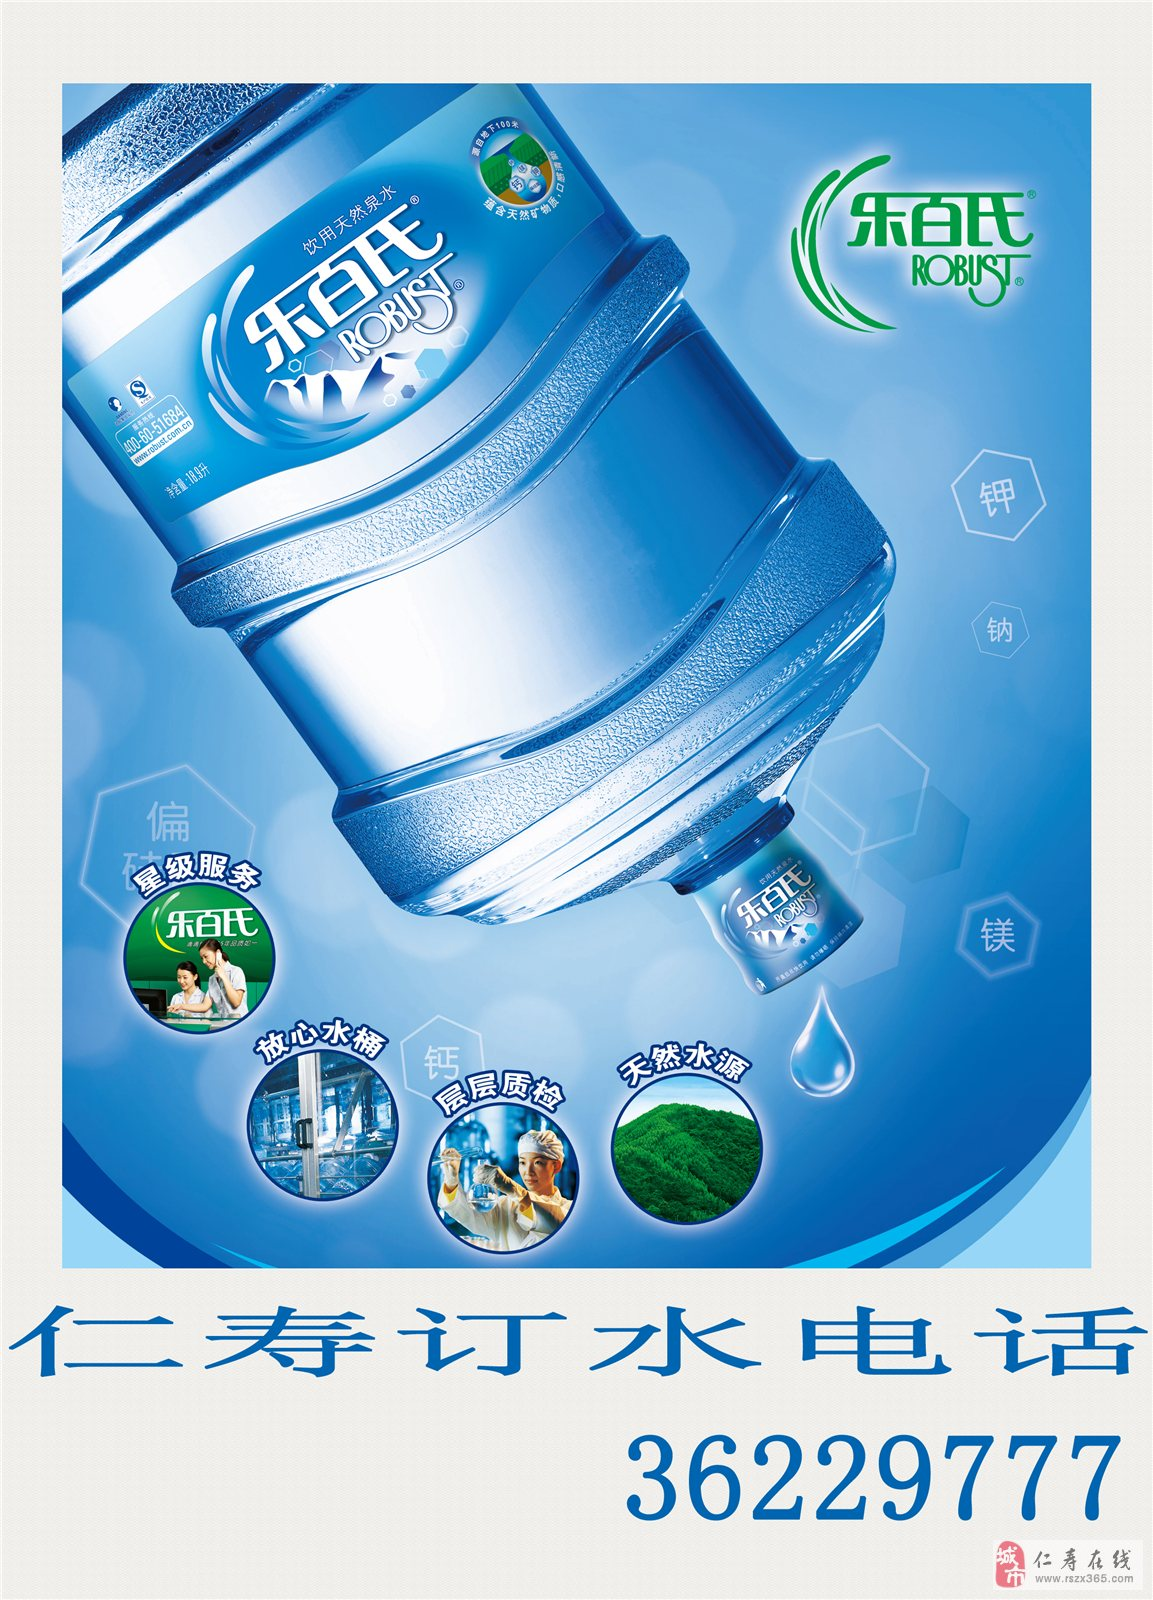 仁寿乐百氏桶装矿泉水专卖店为您服务